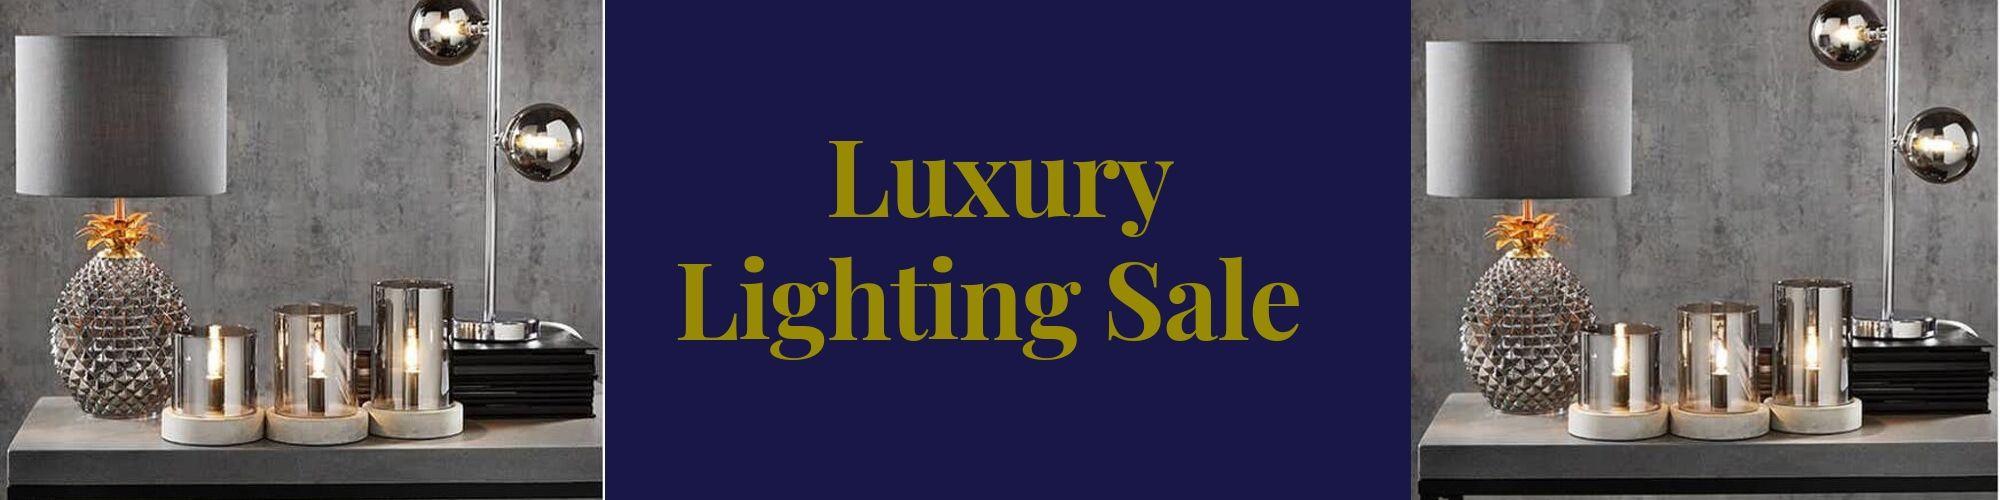 Luxury Lighting Sale Now On!!